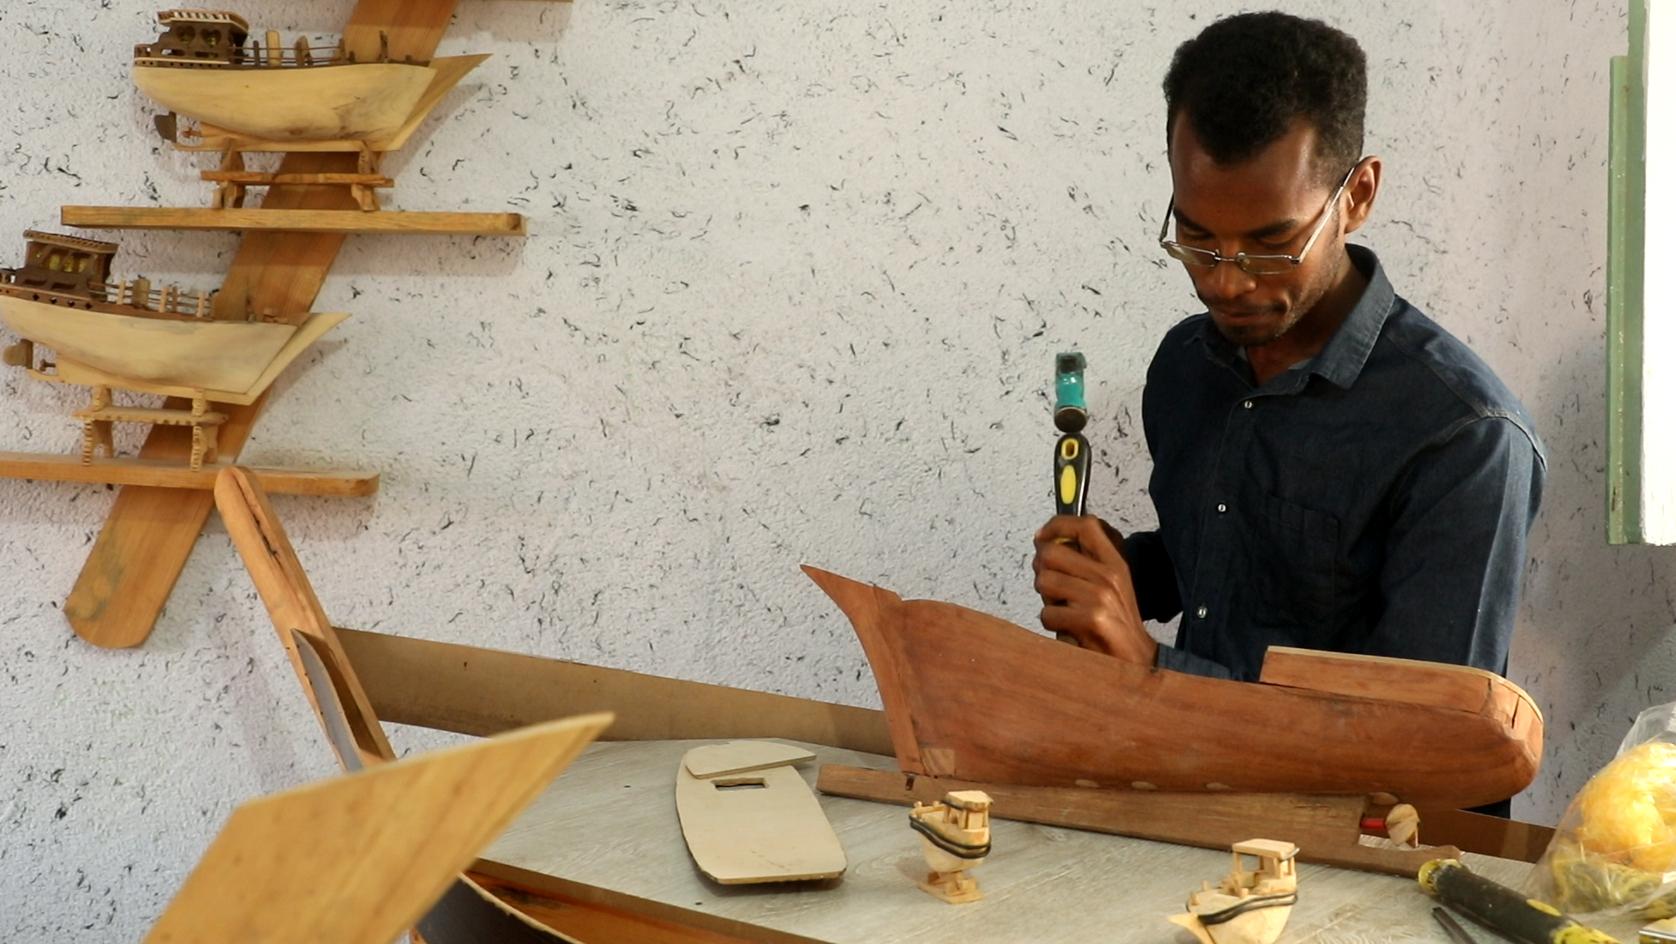 تنعم جزیرة هرمز بالبركة مع اقتصاد الشعبي